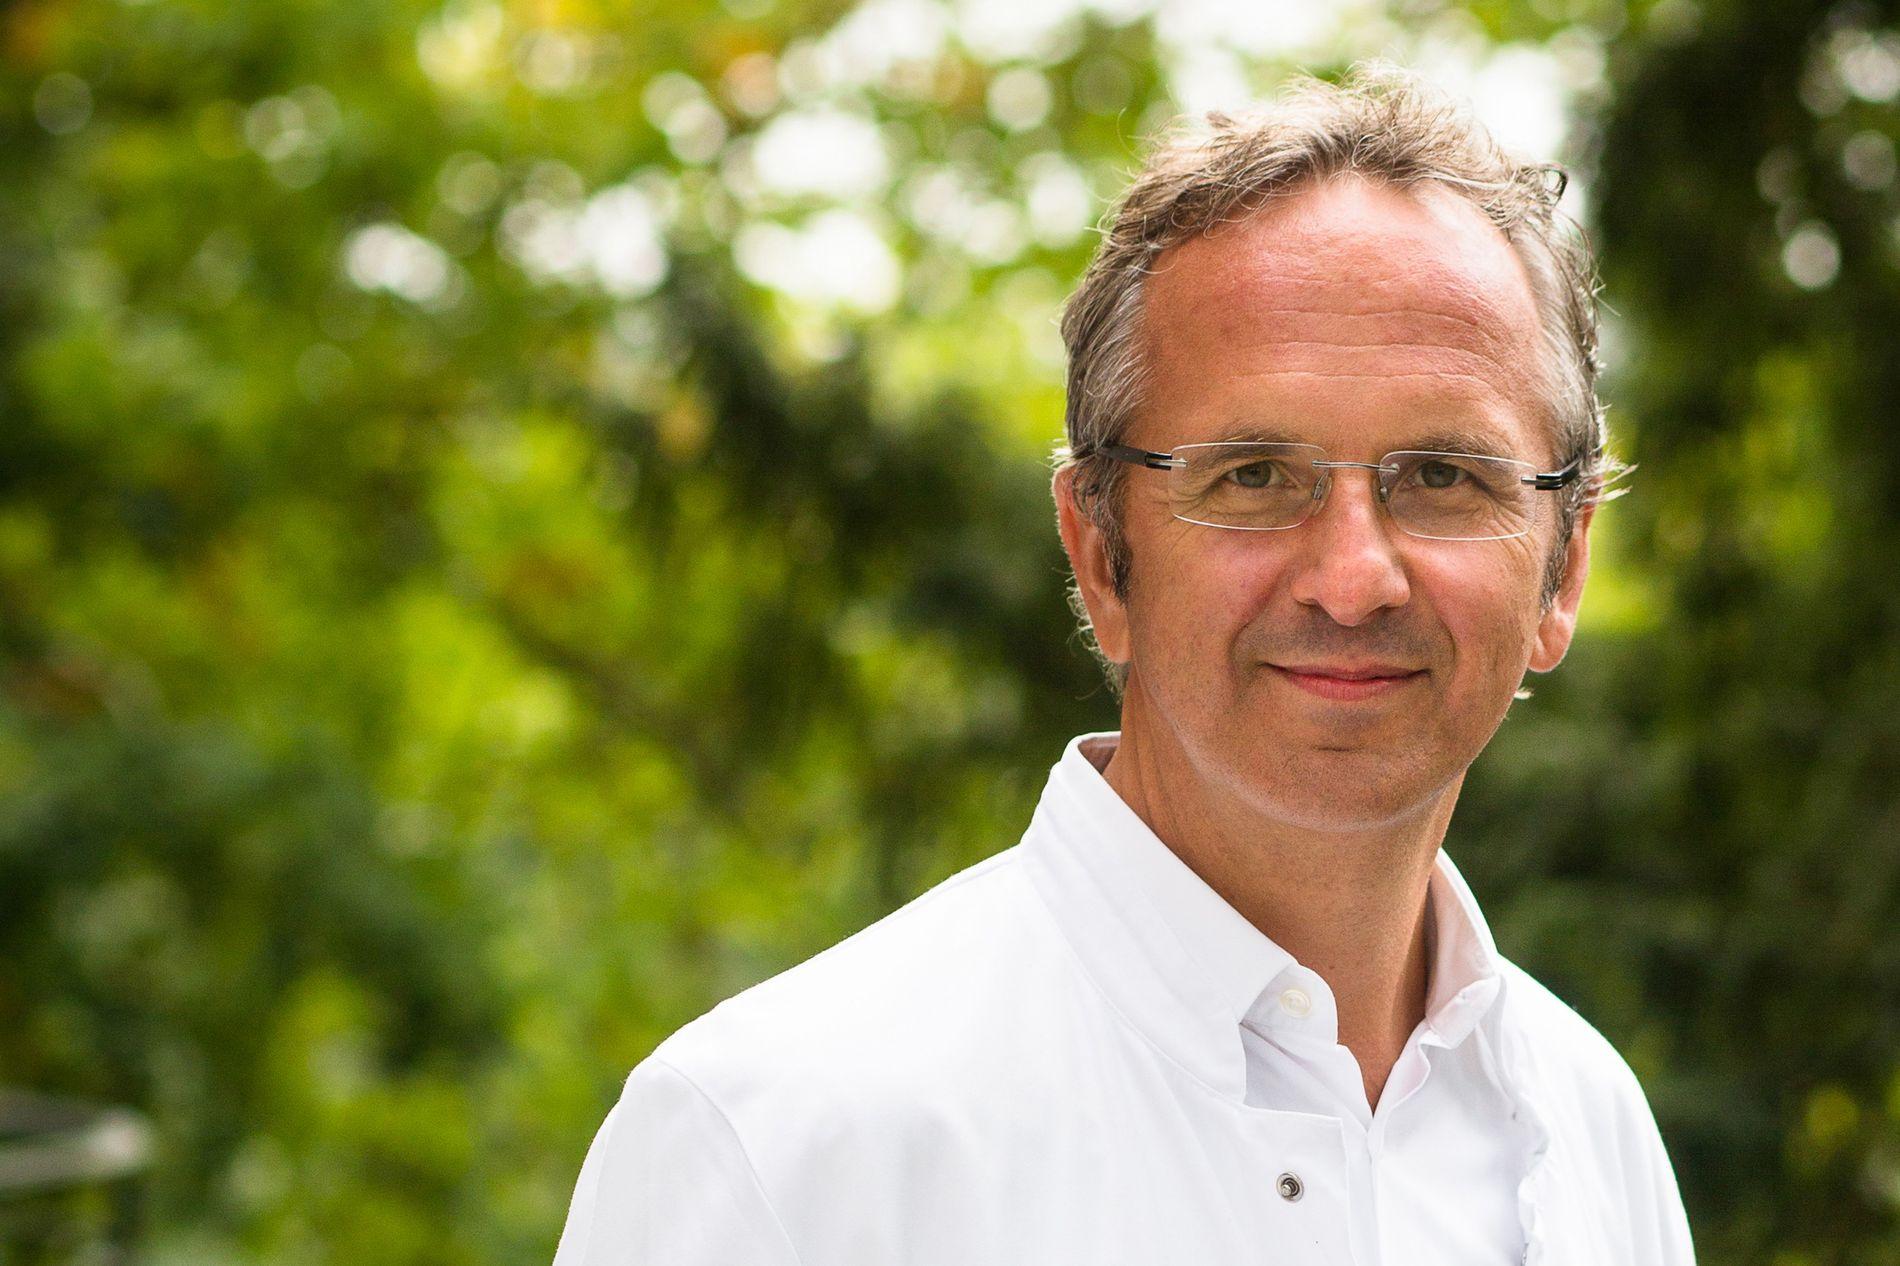 Andreas Michalsen, Charité